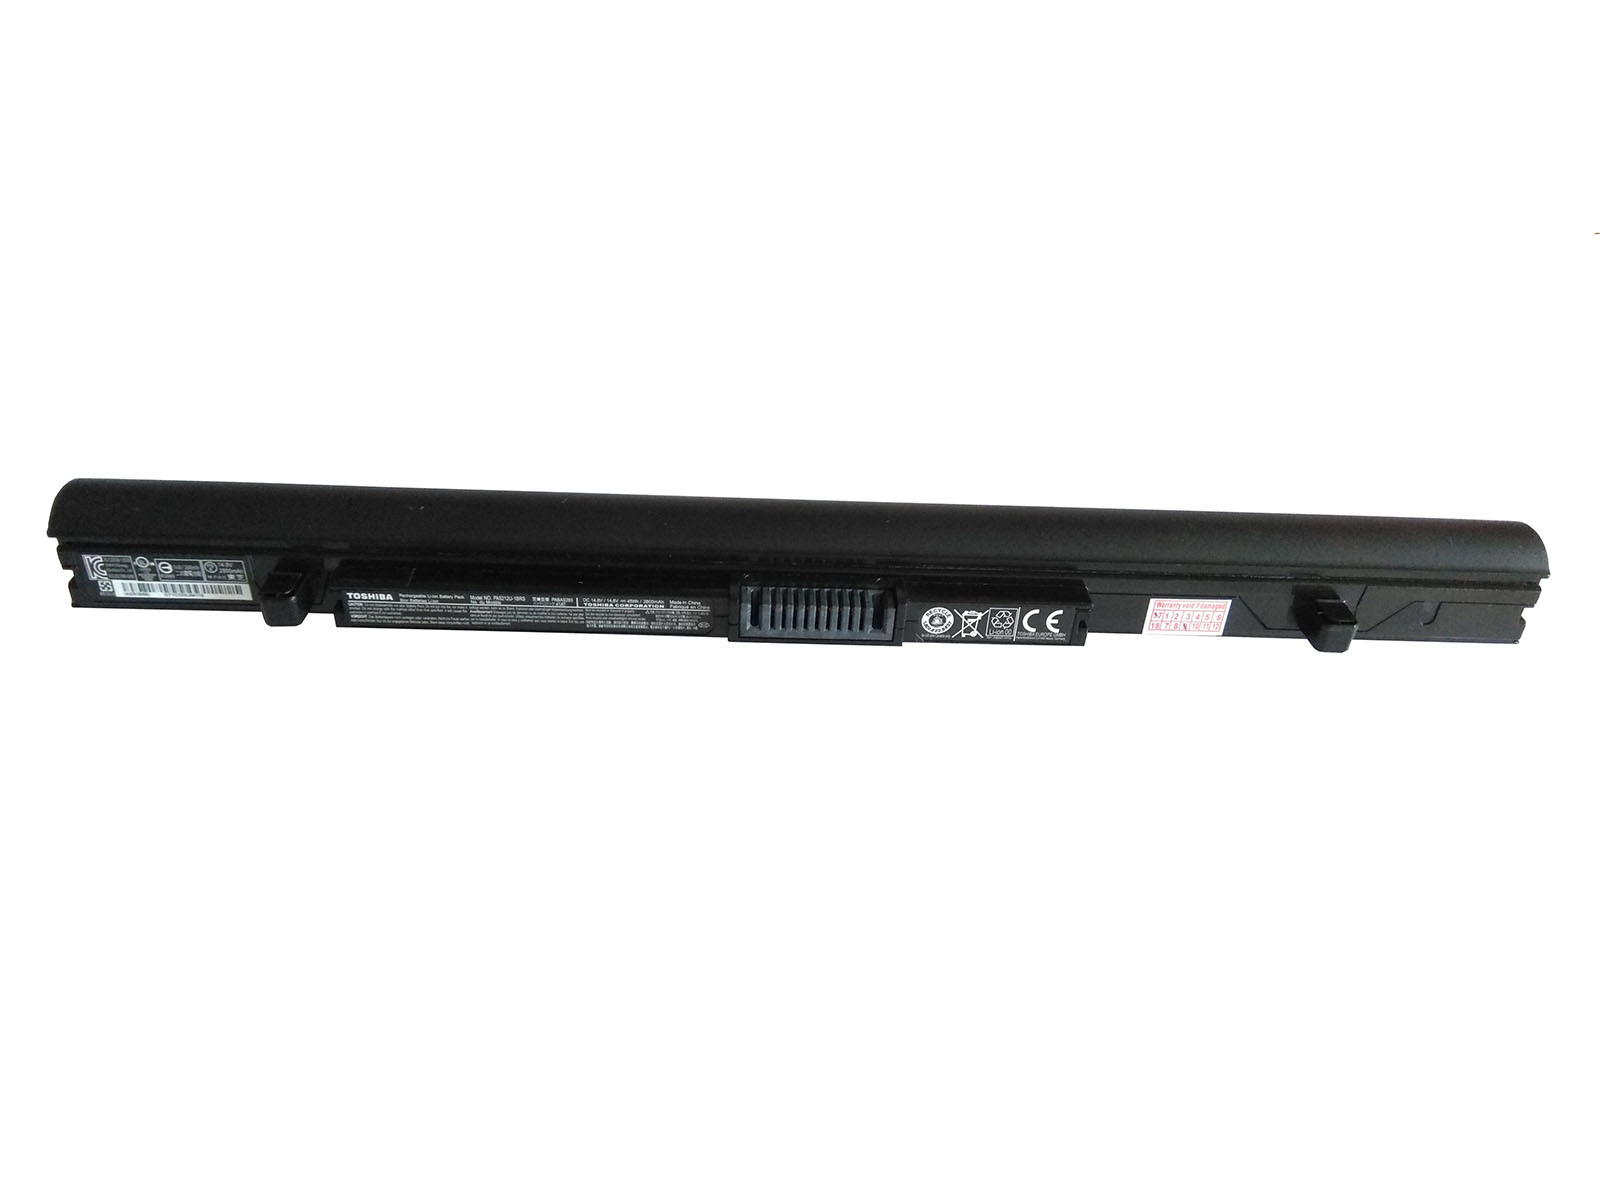 Genuine PA5212U-1BRS PABAS283 Toshiba Tecra Z50-C-12W Battery - $49.99